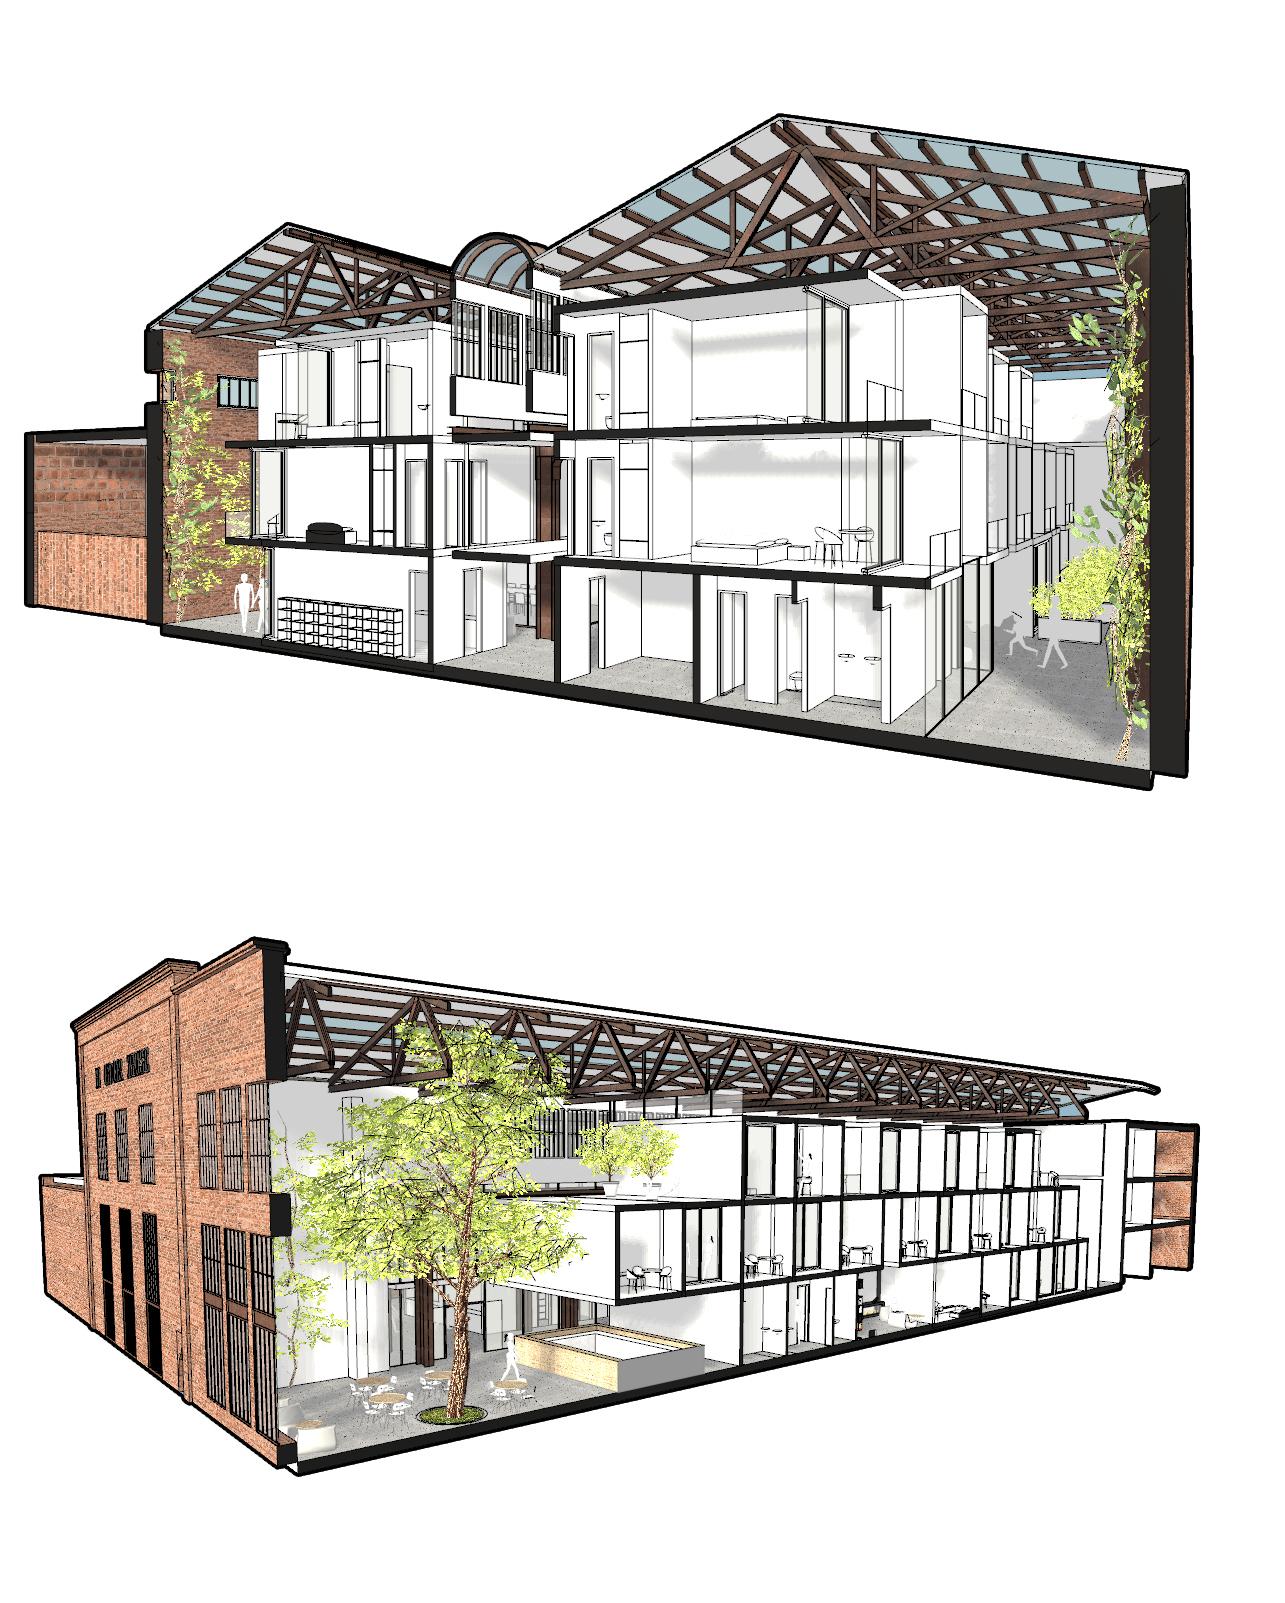 asdfg - Architekten - ZEI - Hotel Zeise 1